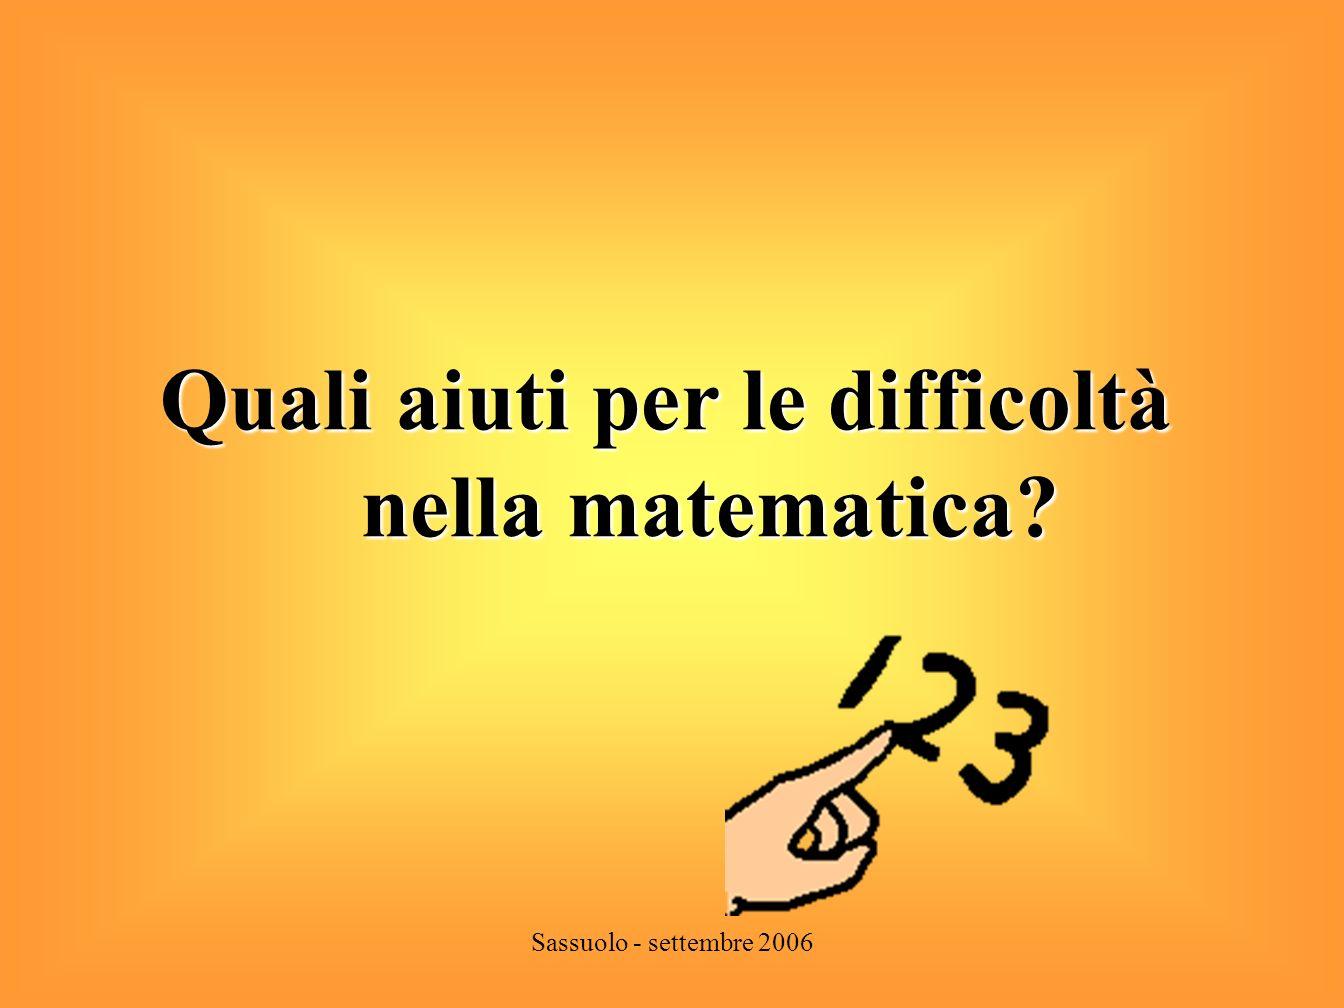 Quali aiuti per le difficoltà nella matematica